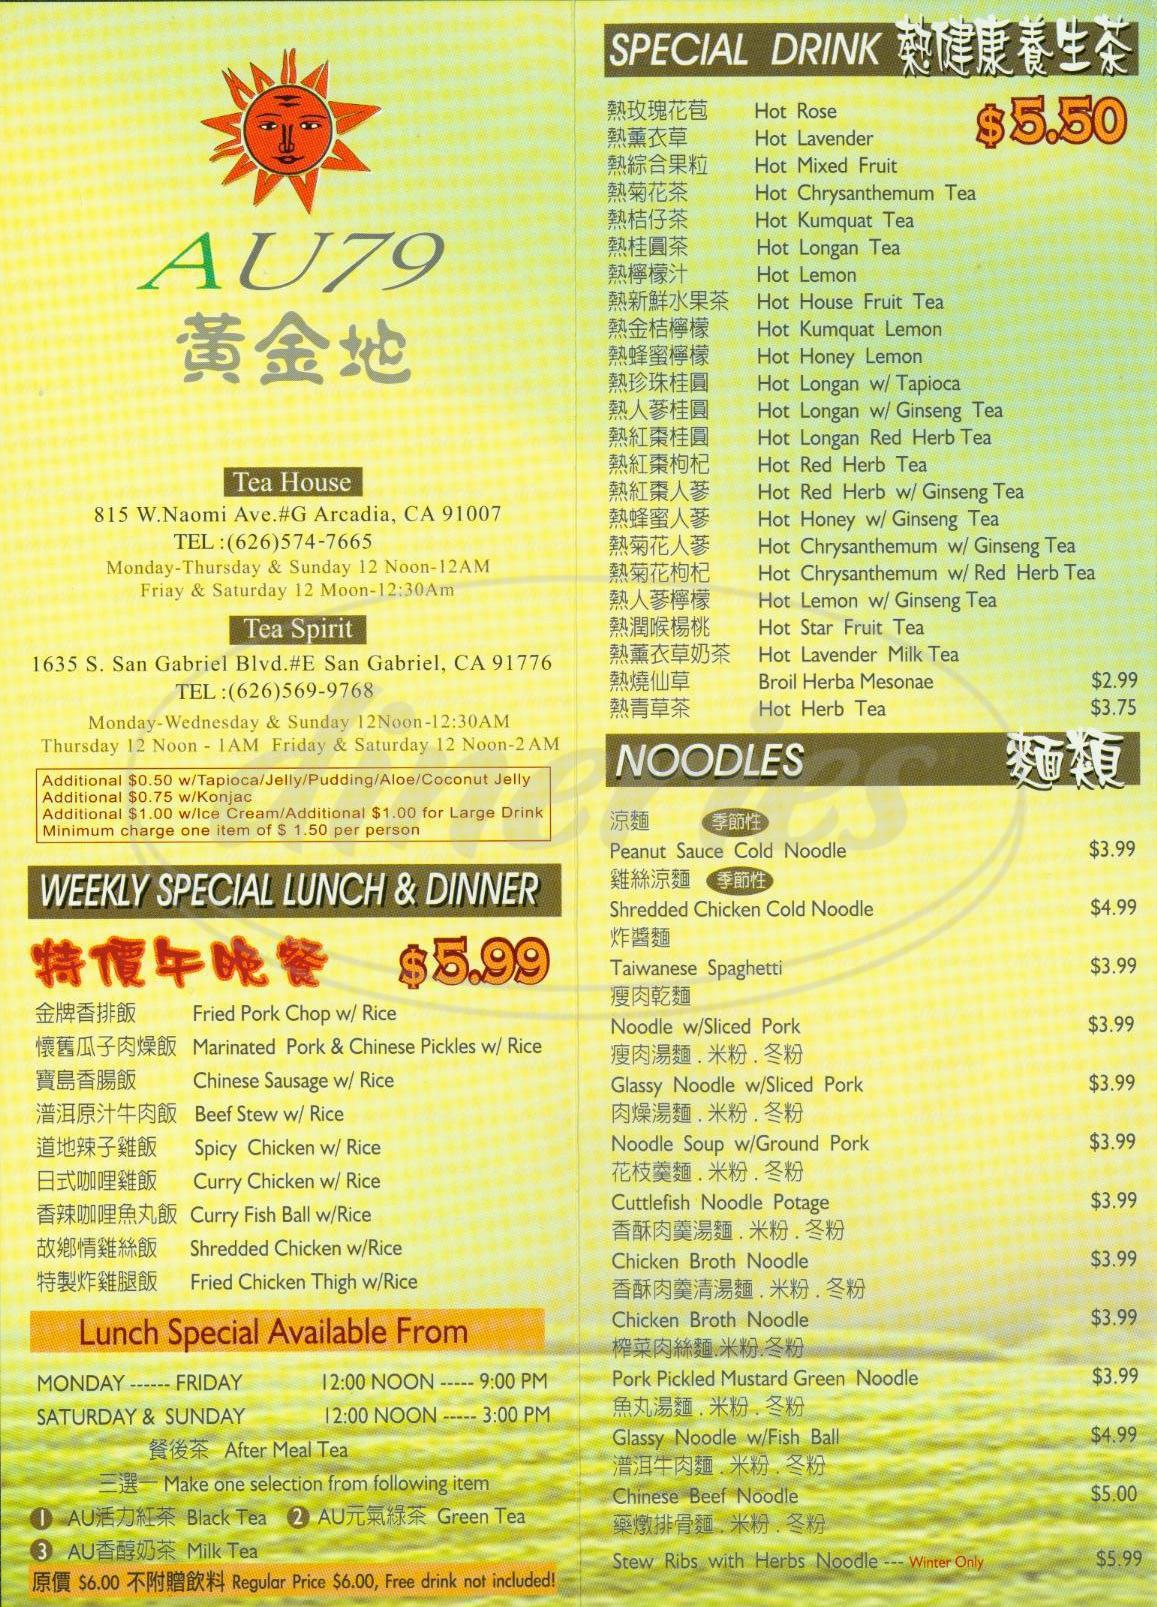 menu for A U 79 Tea House